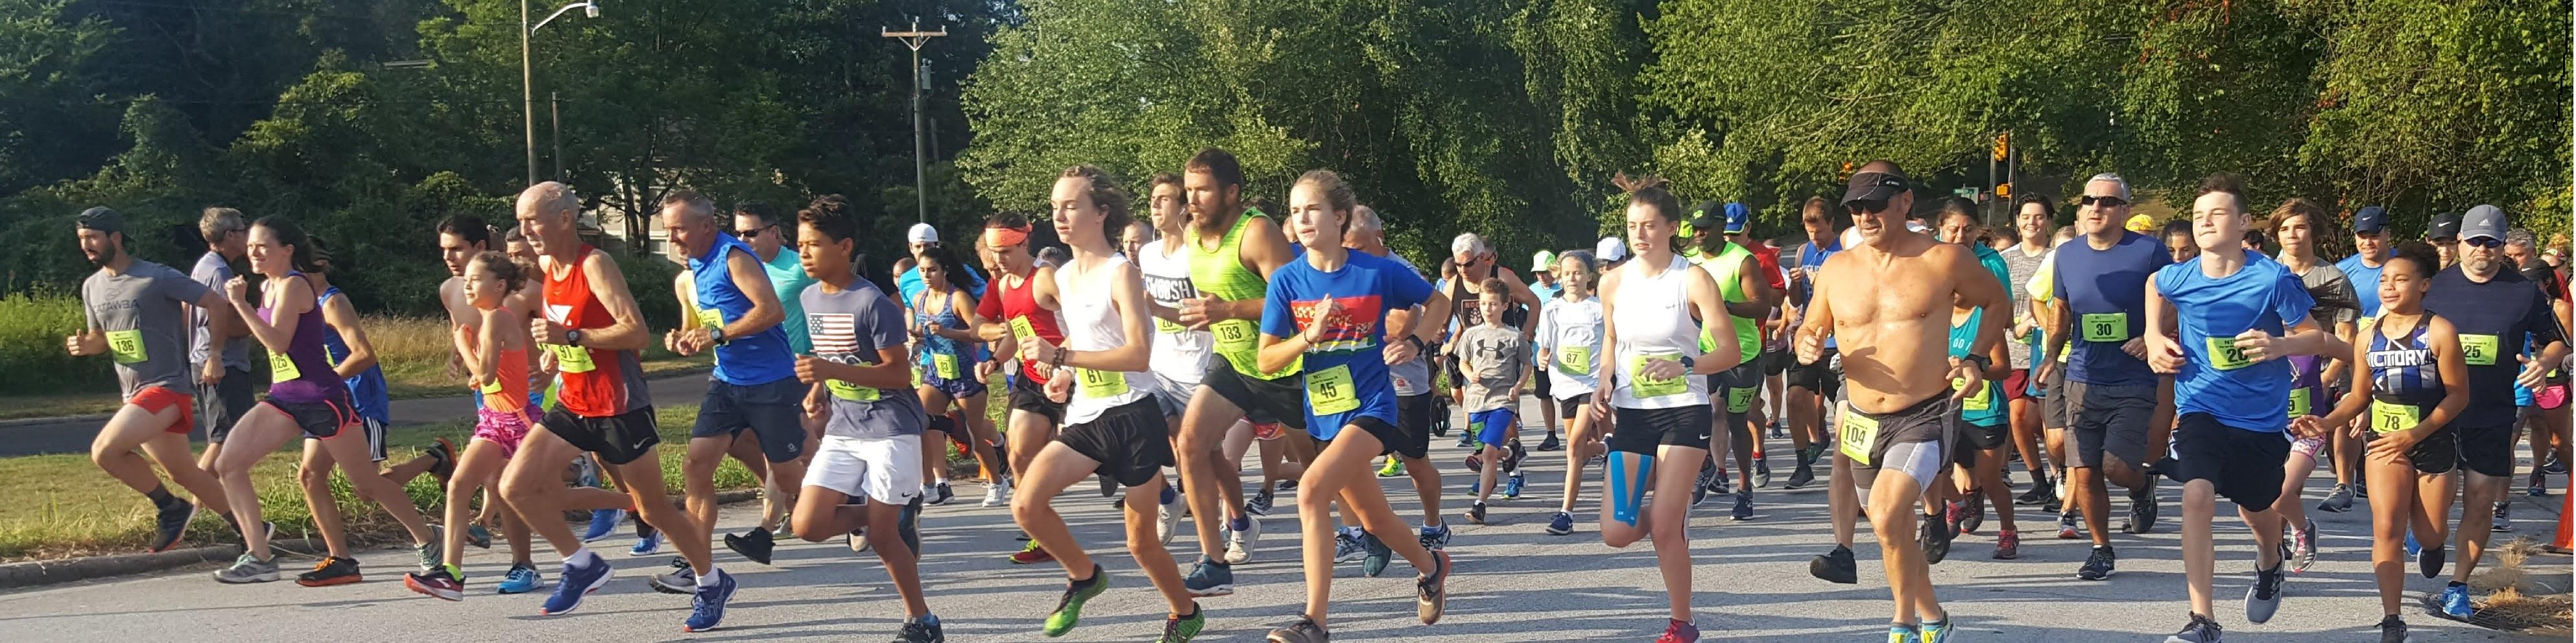 Upcoming Events | Salisbury Rowan Runners